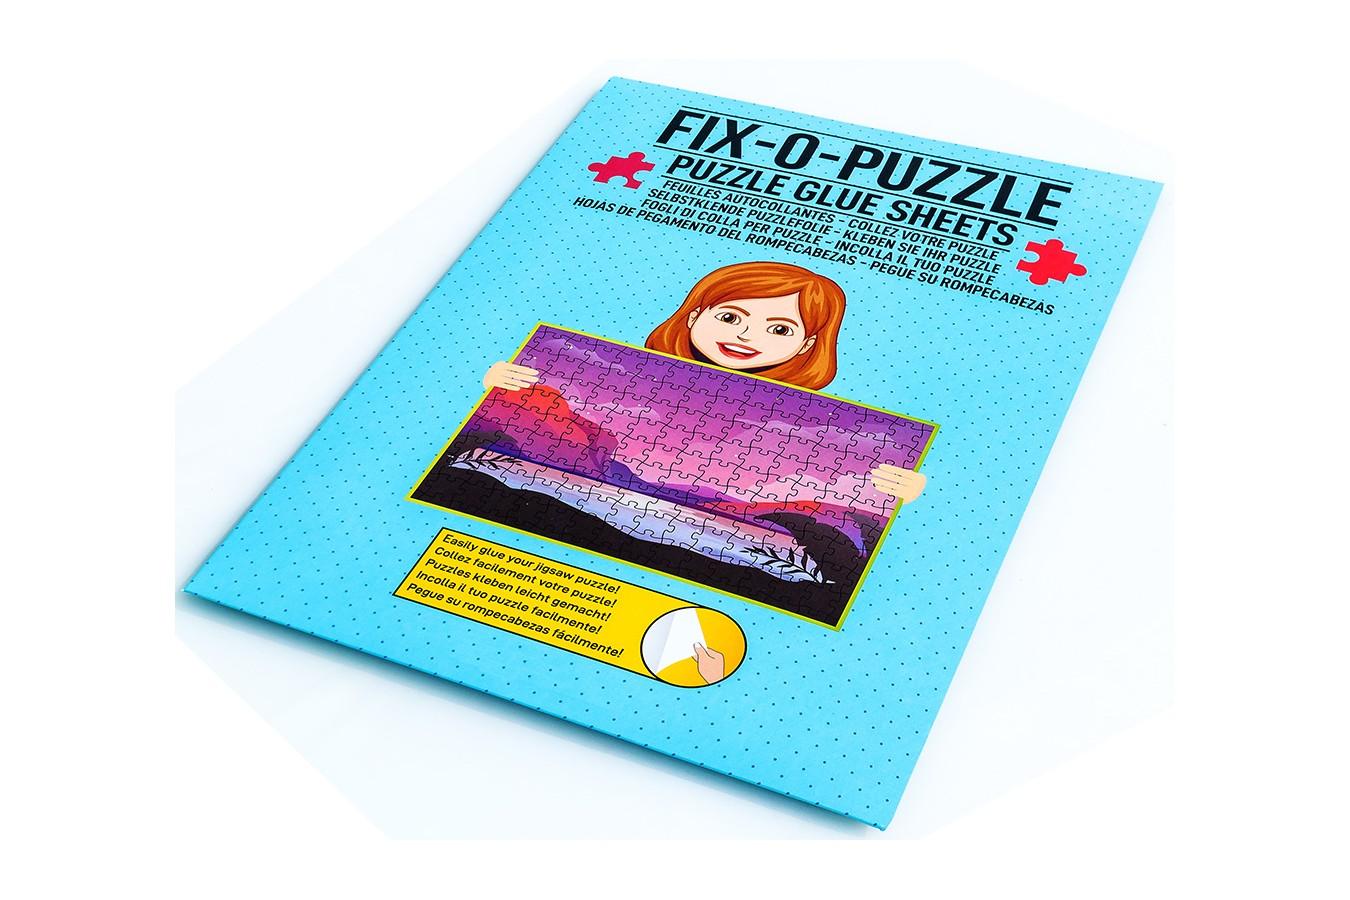 Folie pentru lipit puzzle, alba (WLP-1500) imagine